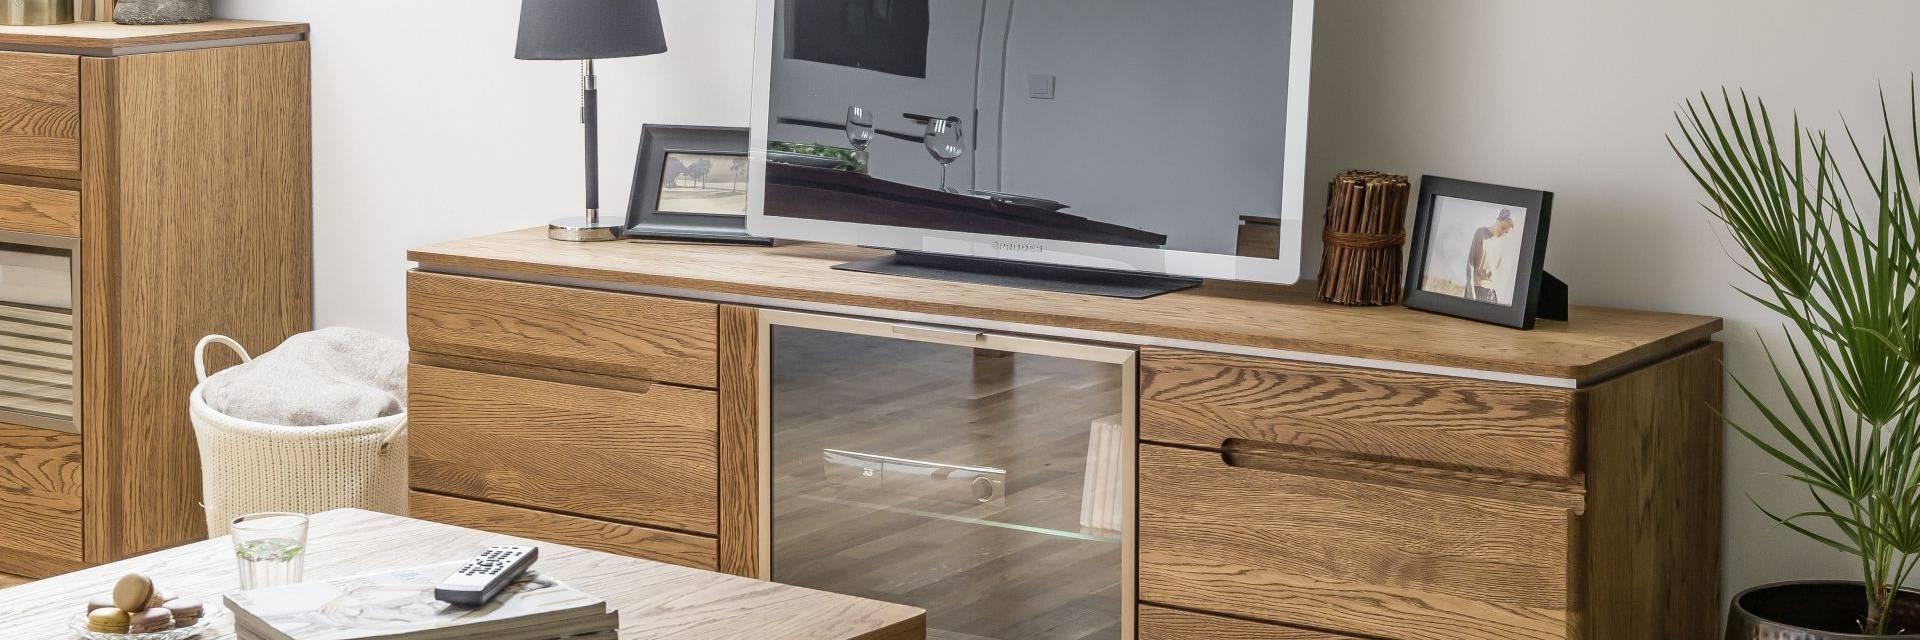 meble nowoczesne do Salonu z Litego Drewna Montenegro